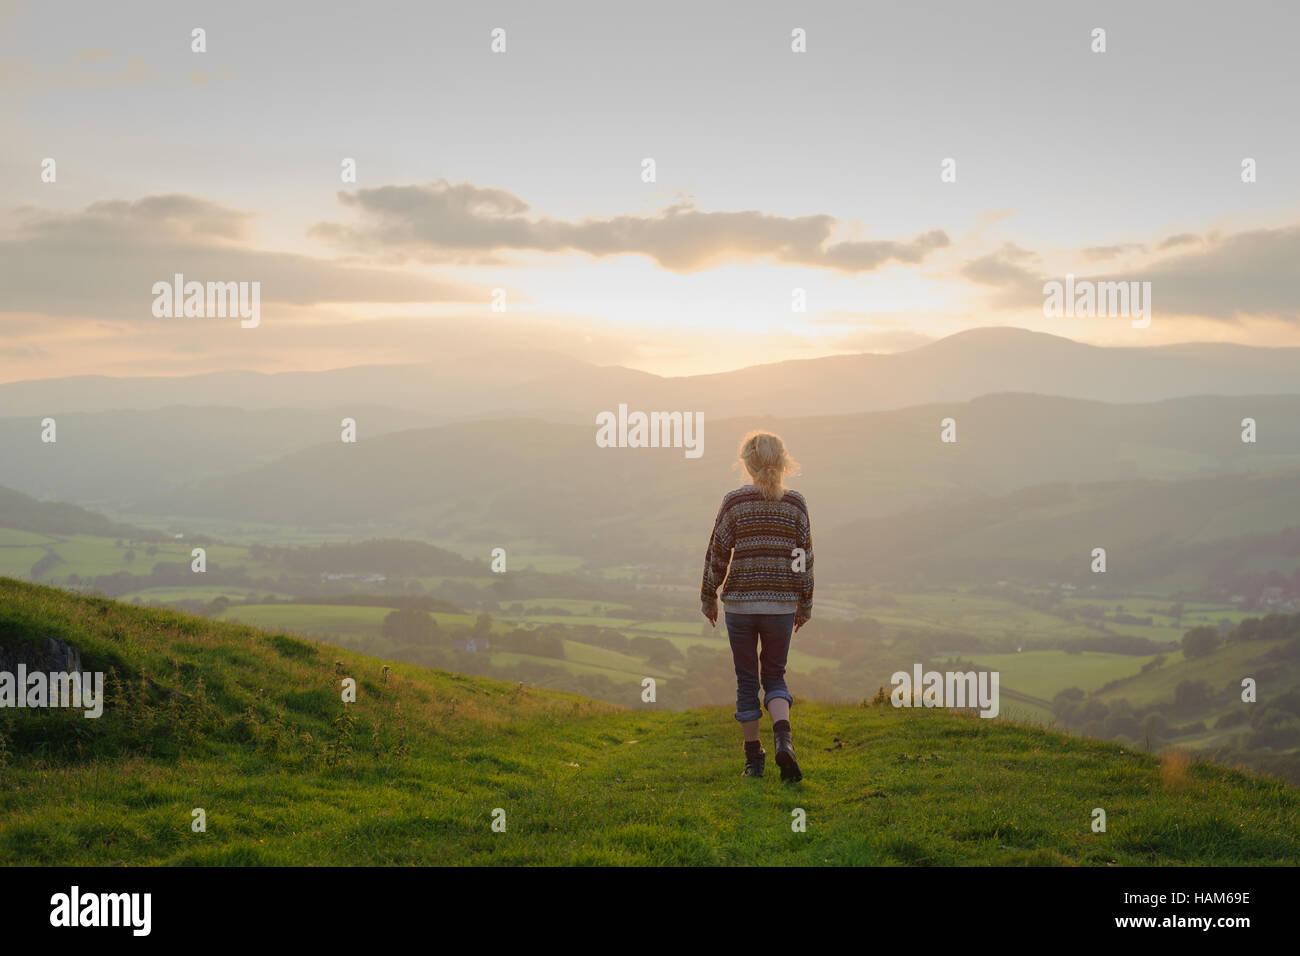 Eine Frau, die zu Fuß in Richtung eines Tals in der Landschaft Stockbild